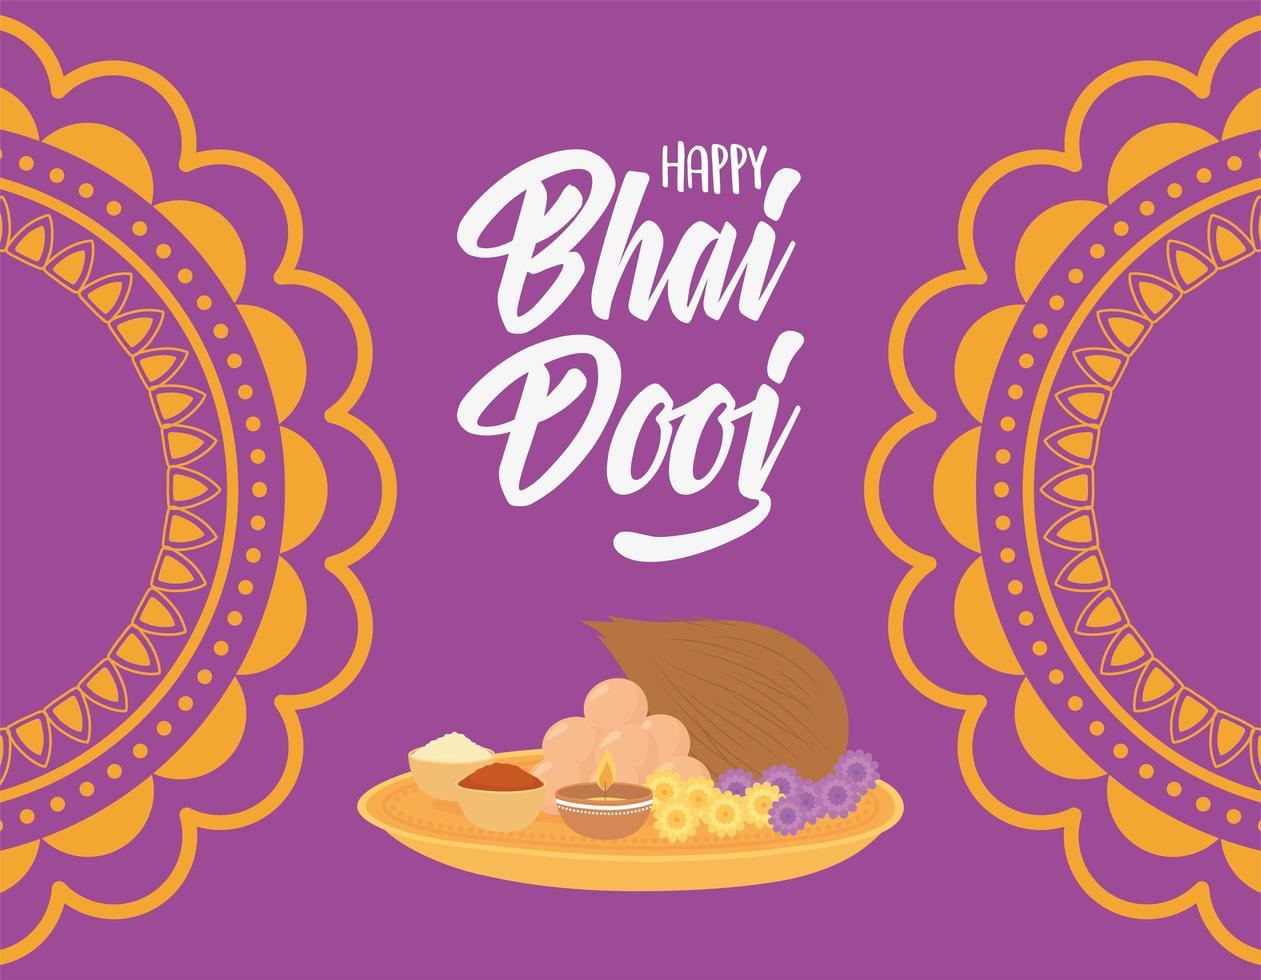 felice bhai dooj, cerimonia di celebrazione indiana vettore